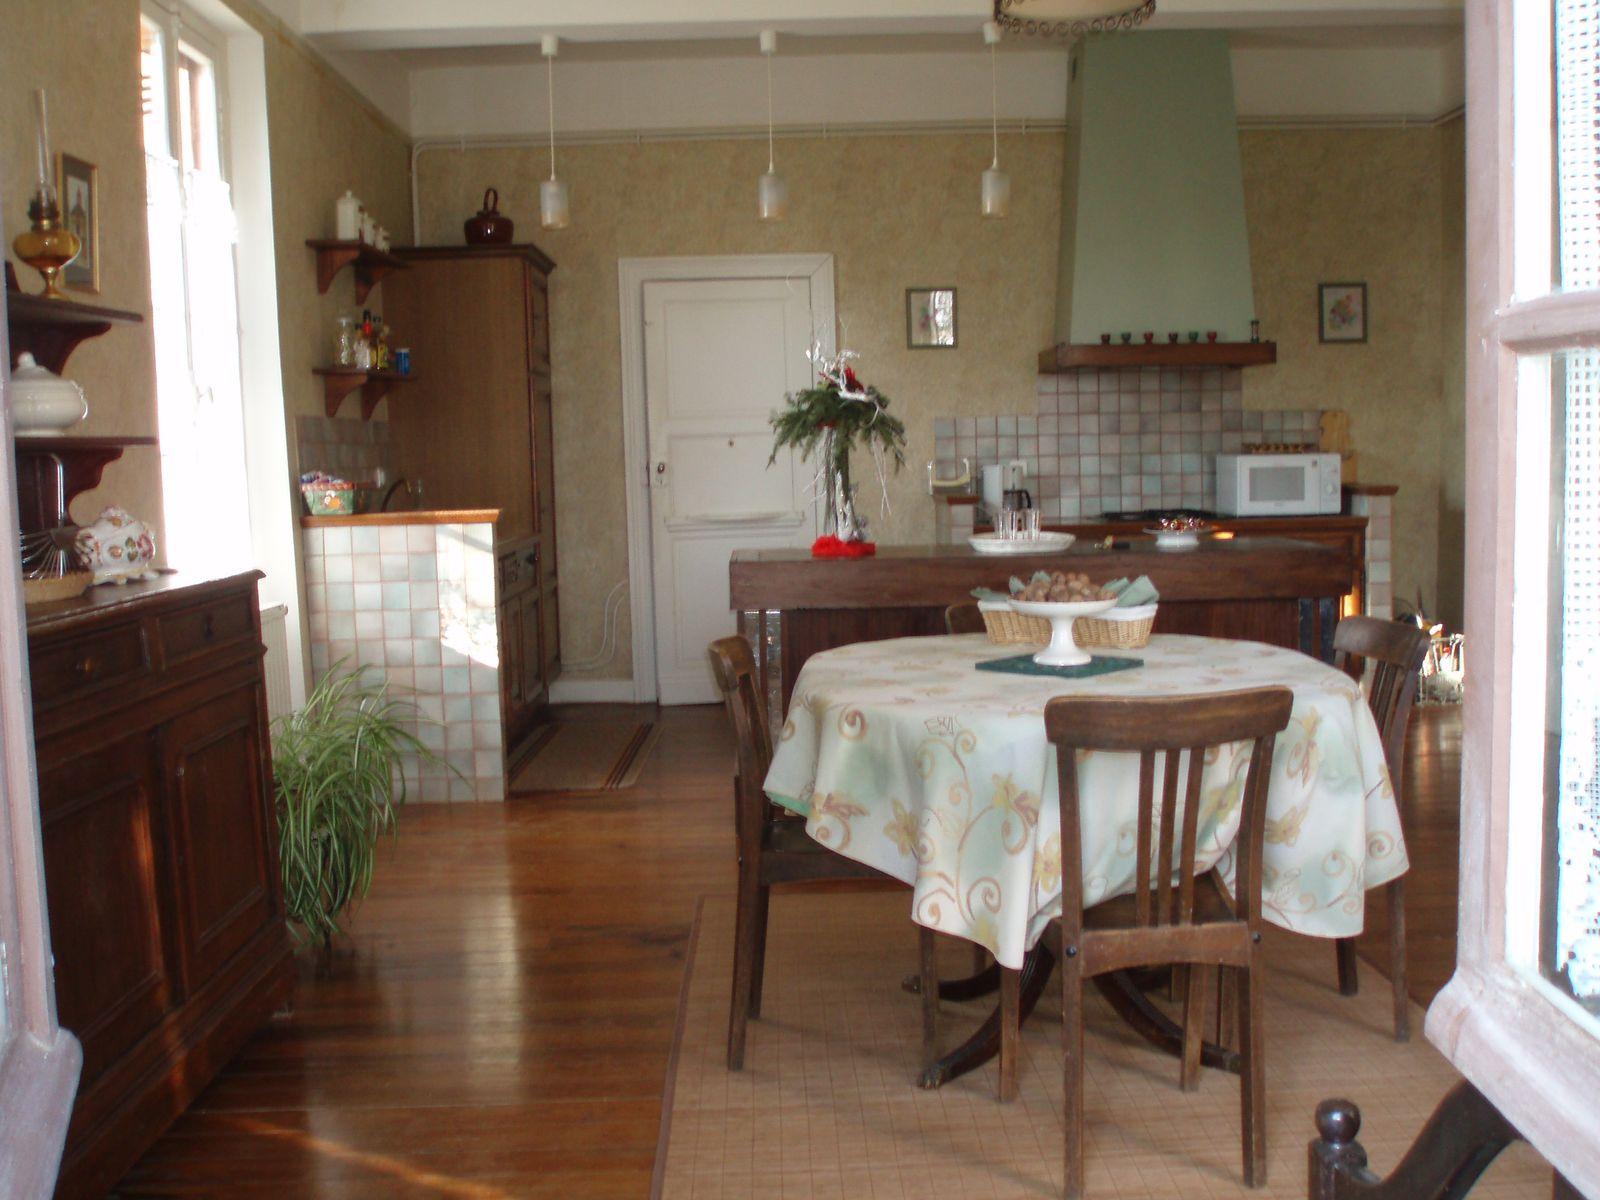 Salle de séjour et coin cuisine